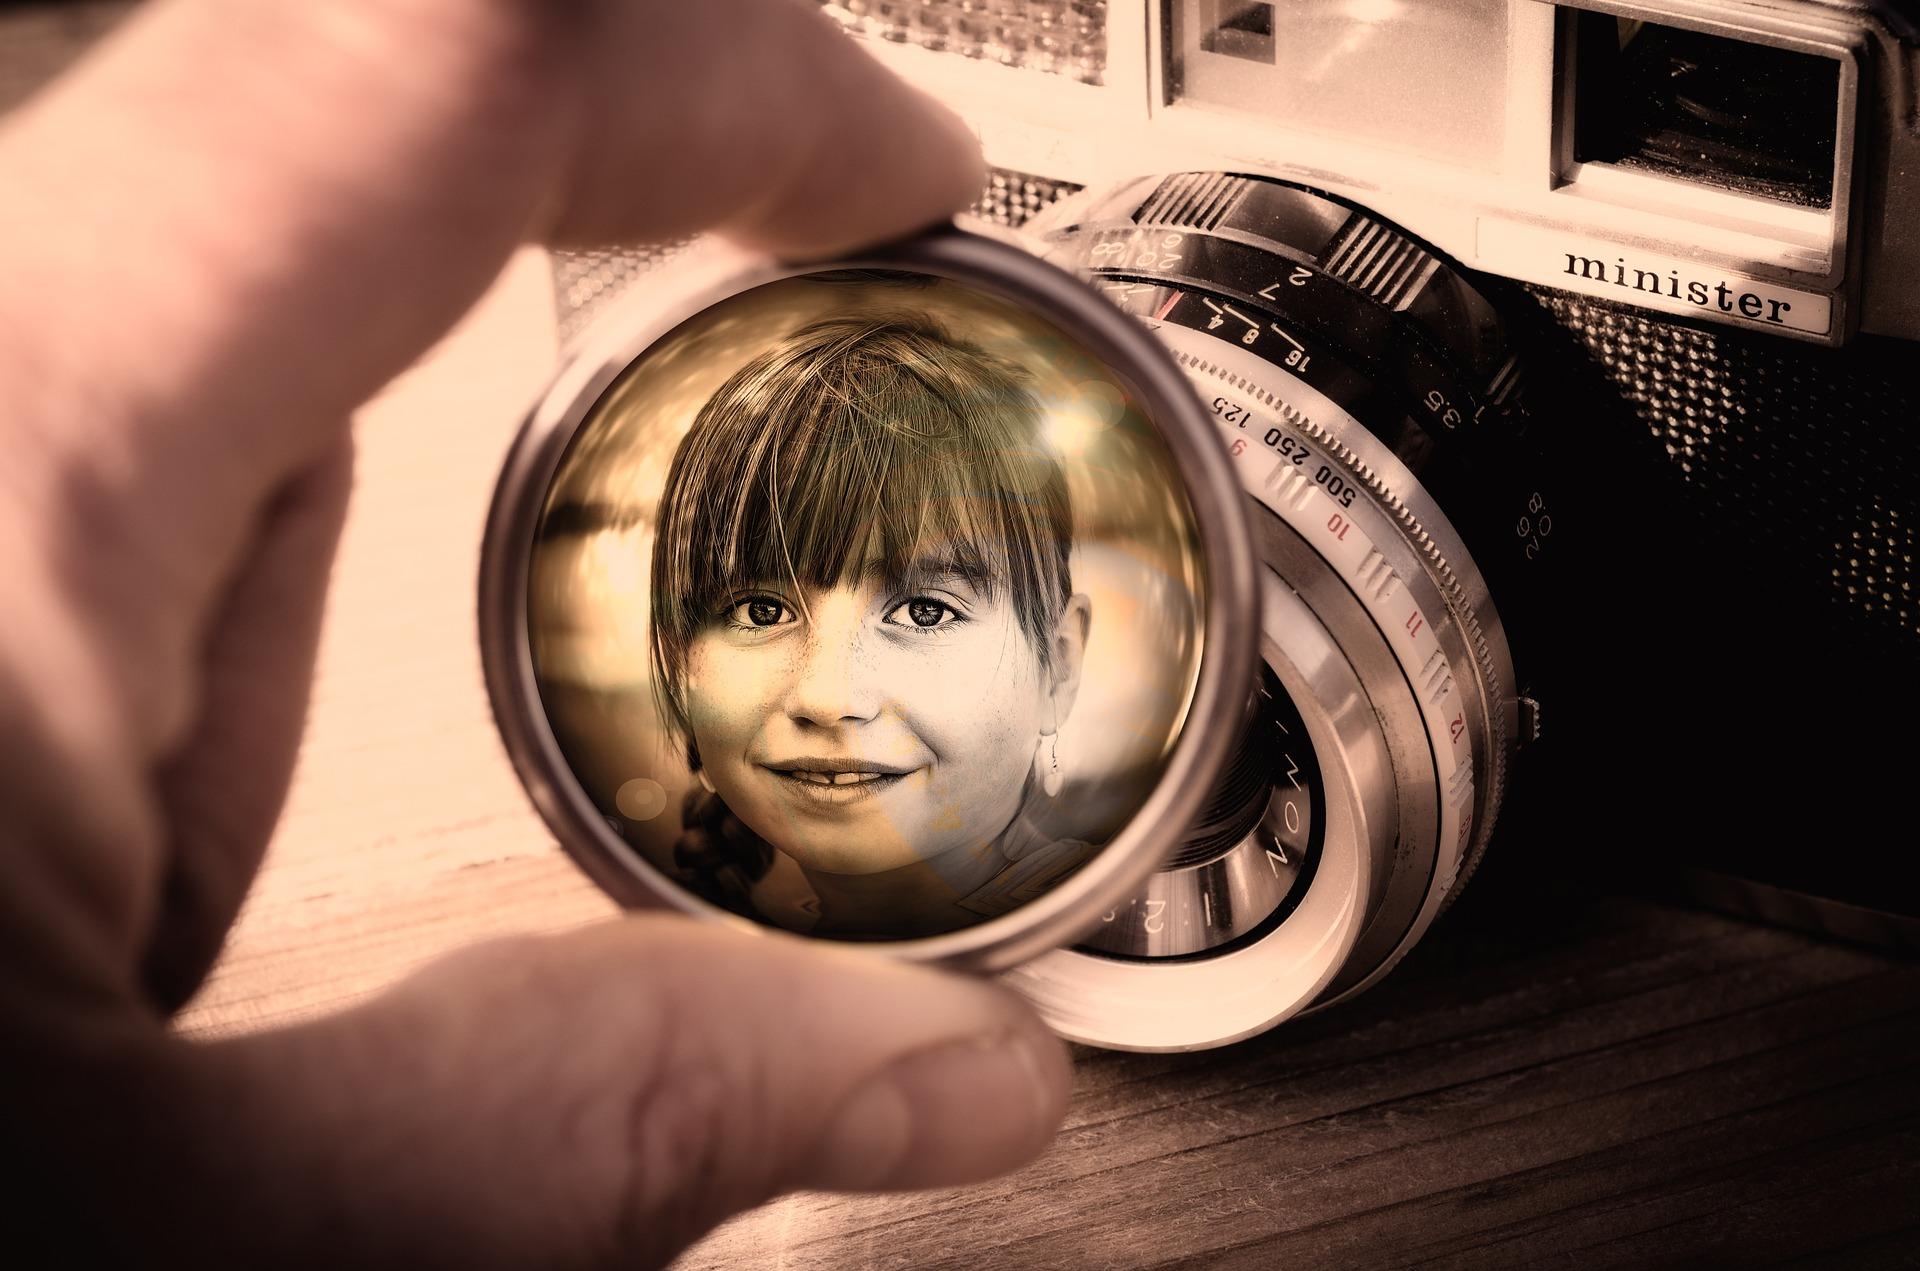 L'enfant dans l'oeil de la caméra